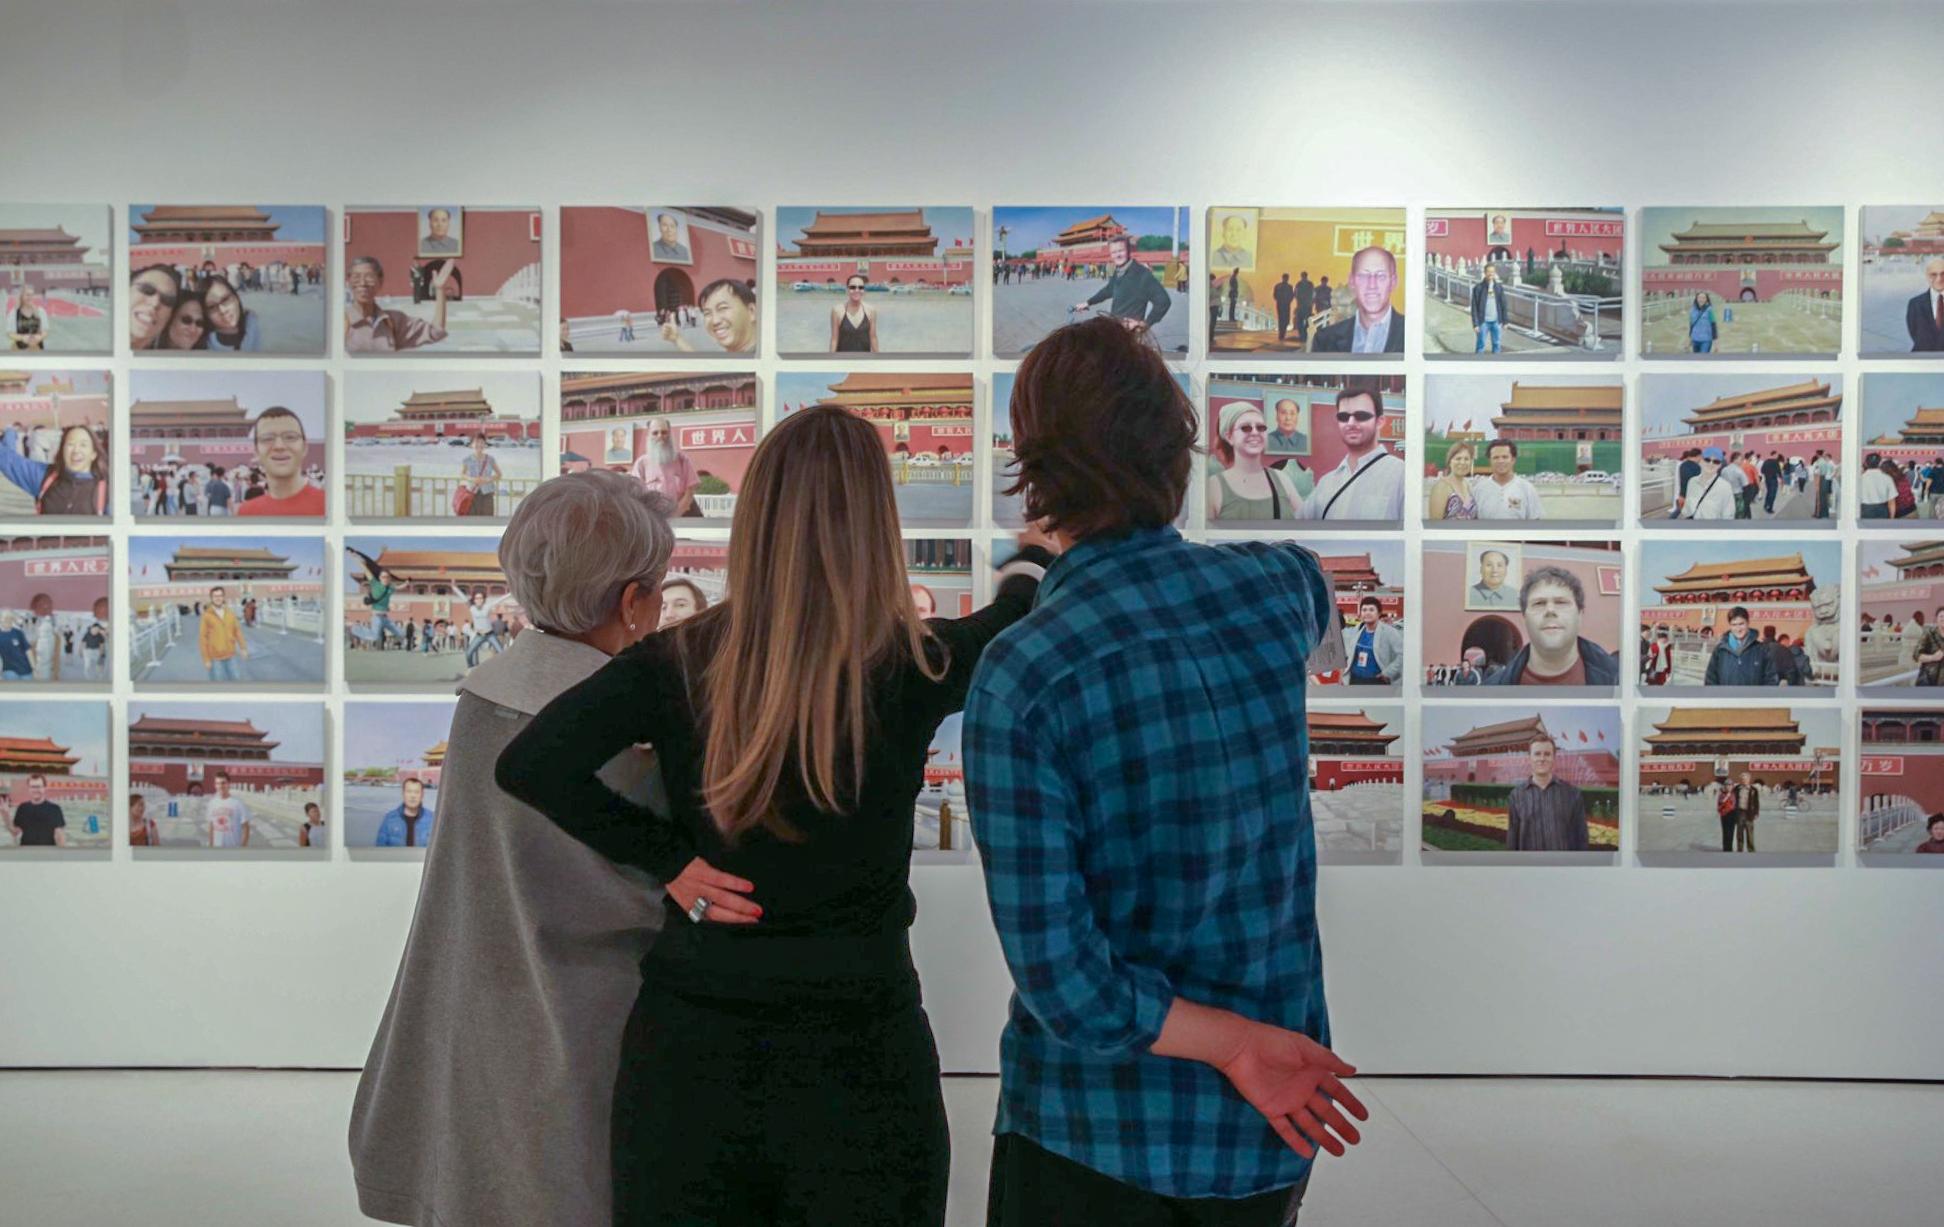 Paradoxo(s) da Arte Contemporânea - Diálogos entre os acervos do MAC USP e do Paço das Artes , exposição coletiva no MAC USP, São Paulo. Junho de 2018.